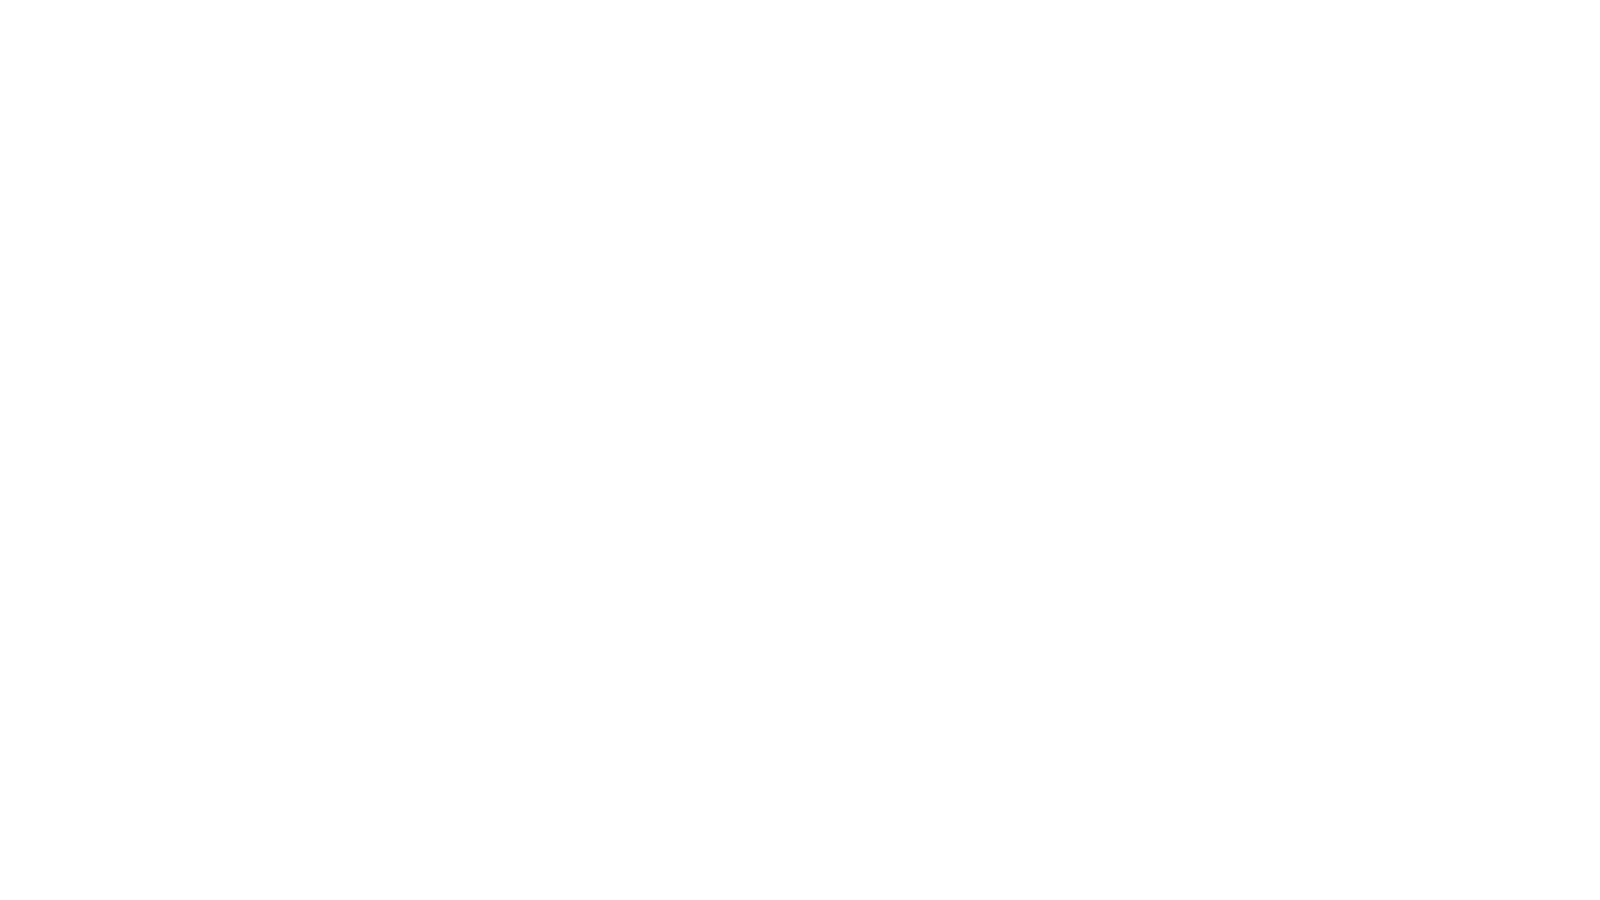 Venerdì 17 settembre ore 10.30 in diretta su YouTube e Facebook  Le Campagne, le linee di azione, le collaborazioni nazionali ed internazionali della Rete Italiana Pace e Disarmo: un piano di lavoro per i prossimi anni.  Per un'Italia e un'Europa di Pace.   Ore 10.30 - Quale rapporto tra politica, società civile, attivismo ed opinione pubblica?  Ore 11.30 - I temi e le campagne della Rete  Ore 12.15 - La politica incontra il movimento per la Pace e il Disarmo   ****  ASSEMBLEA NAZIONALE RETE ITALIANA PACE E DISARMO 2021